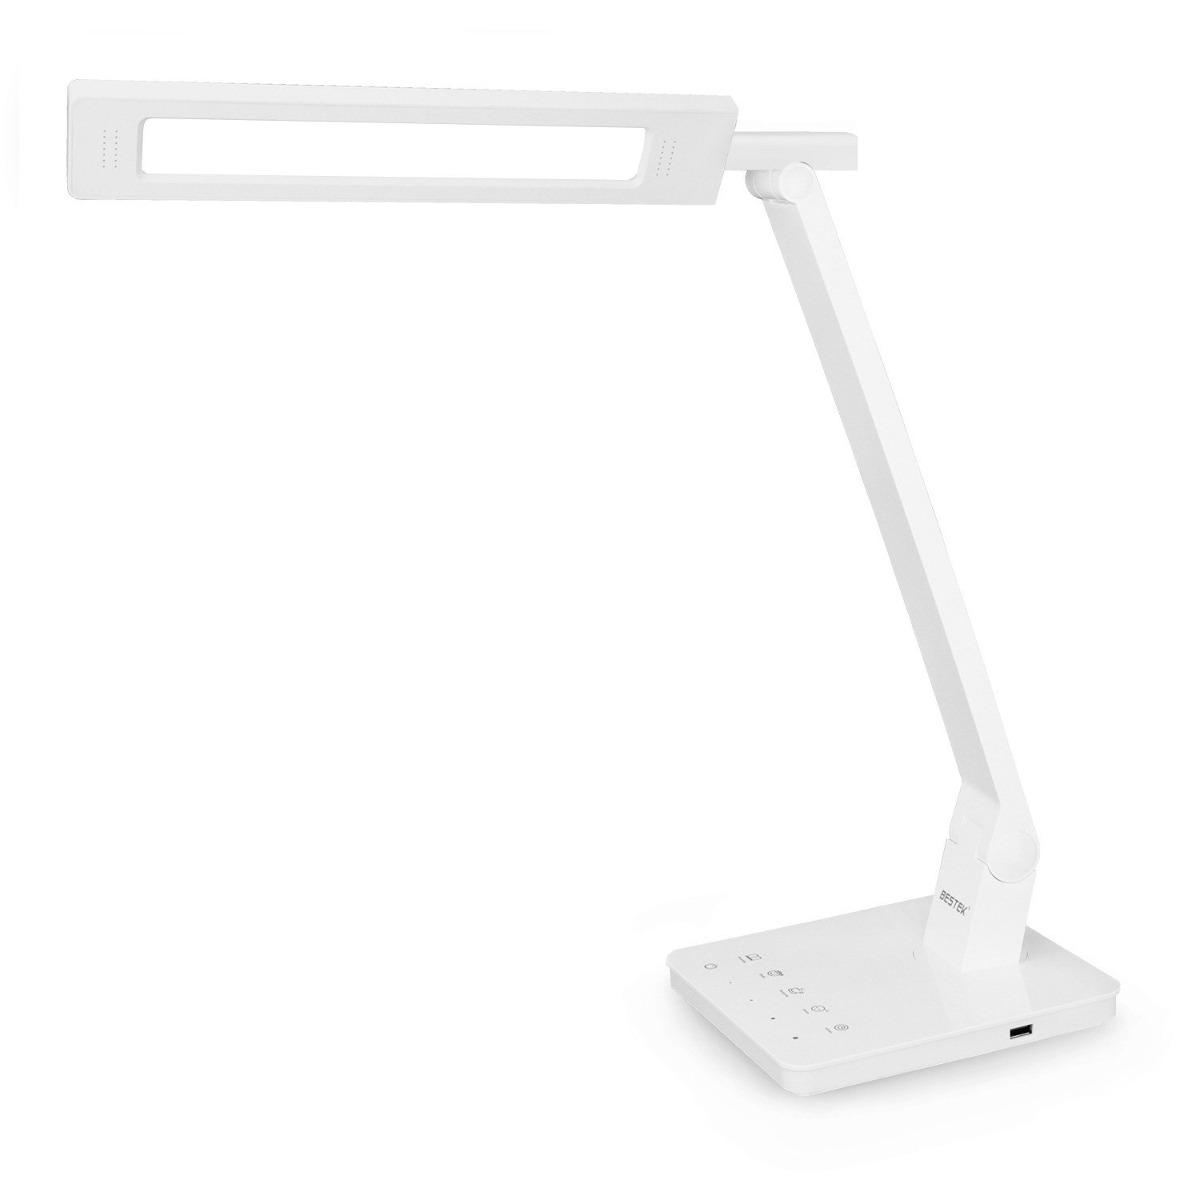 Bestek led desk lamp eye care dimmable modern table lamp 4 modern table lamp 4 cargando zoom aloadofball Images